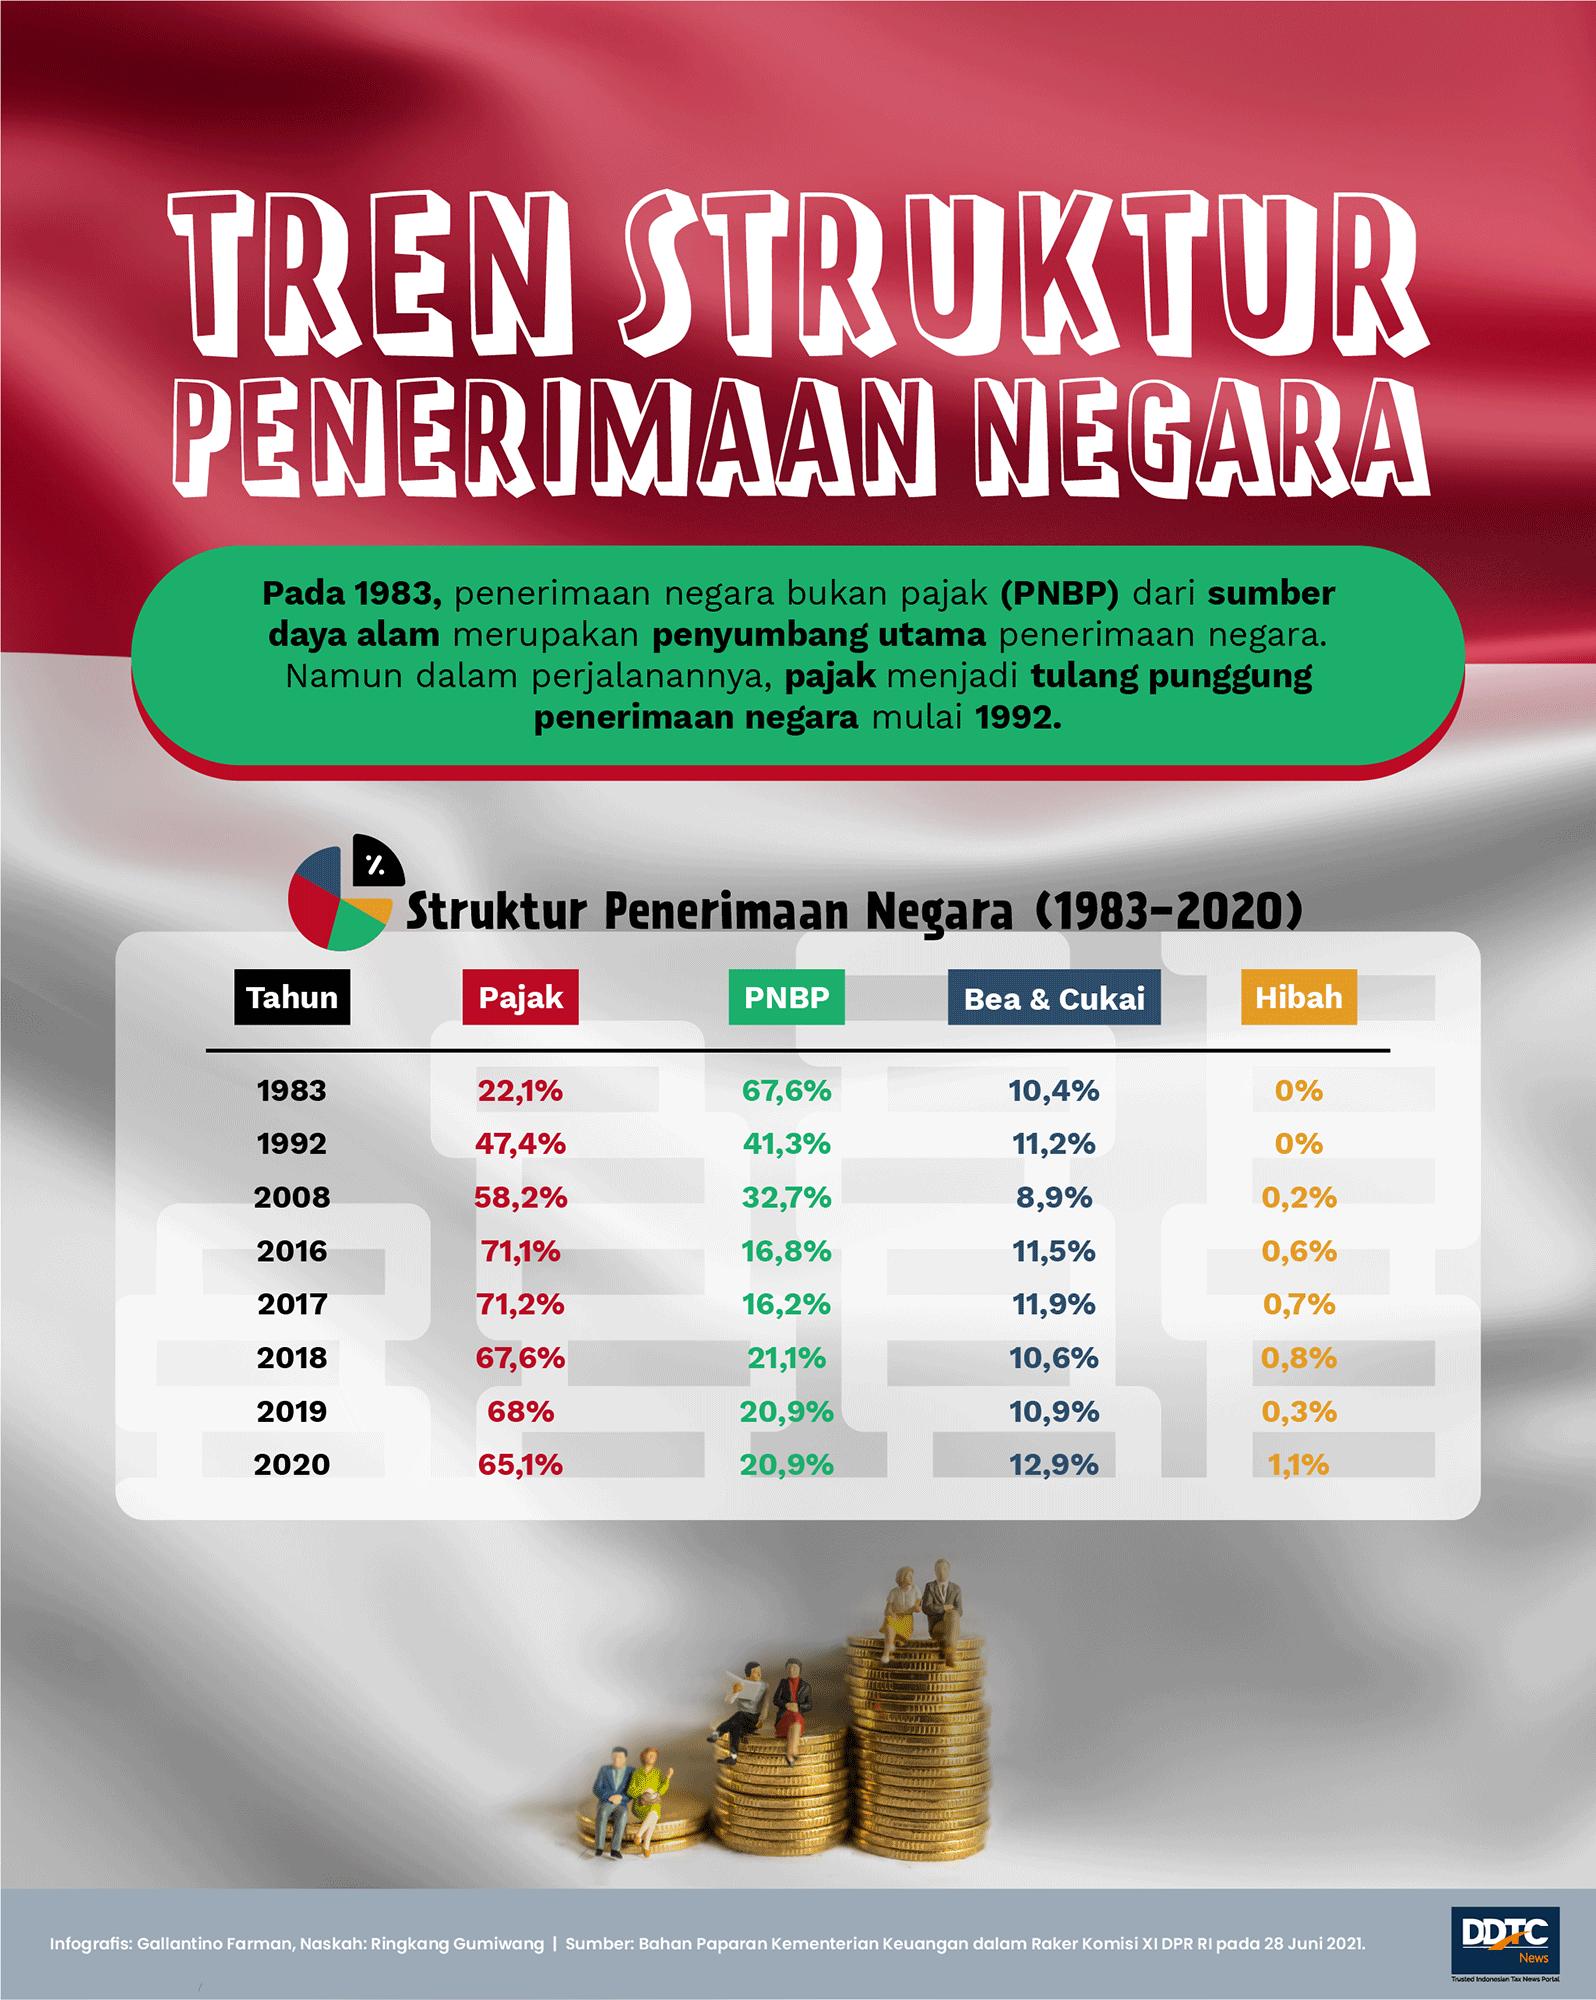 Tren Struktur Penerimaan Negara 1983-2020